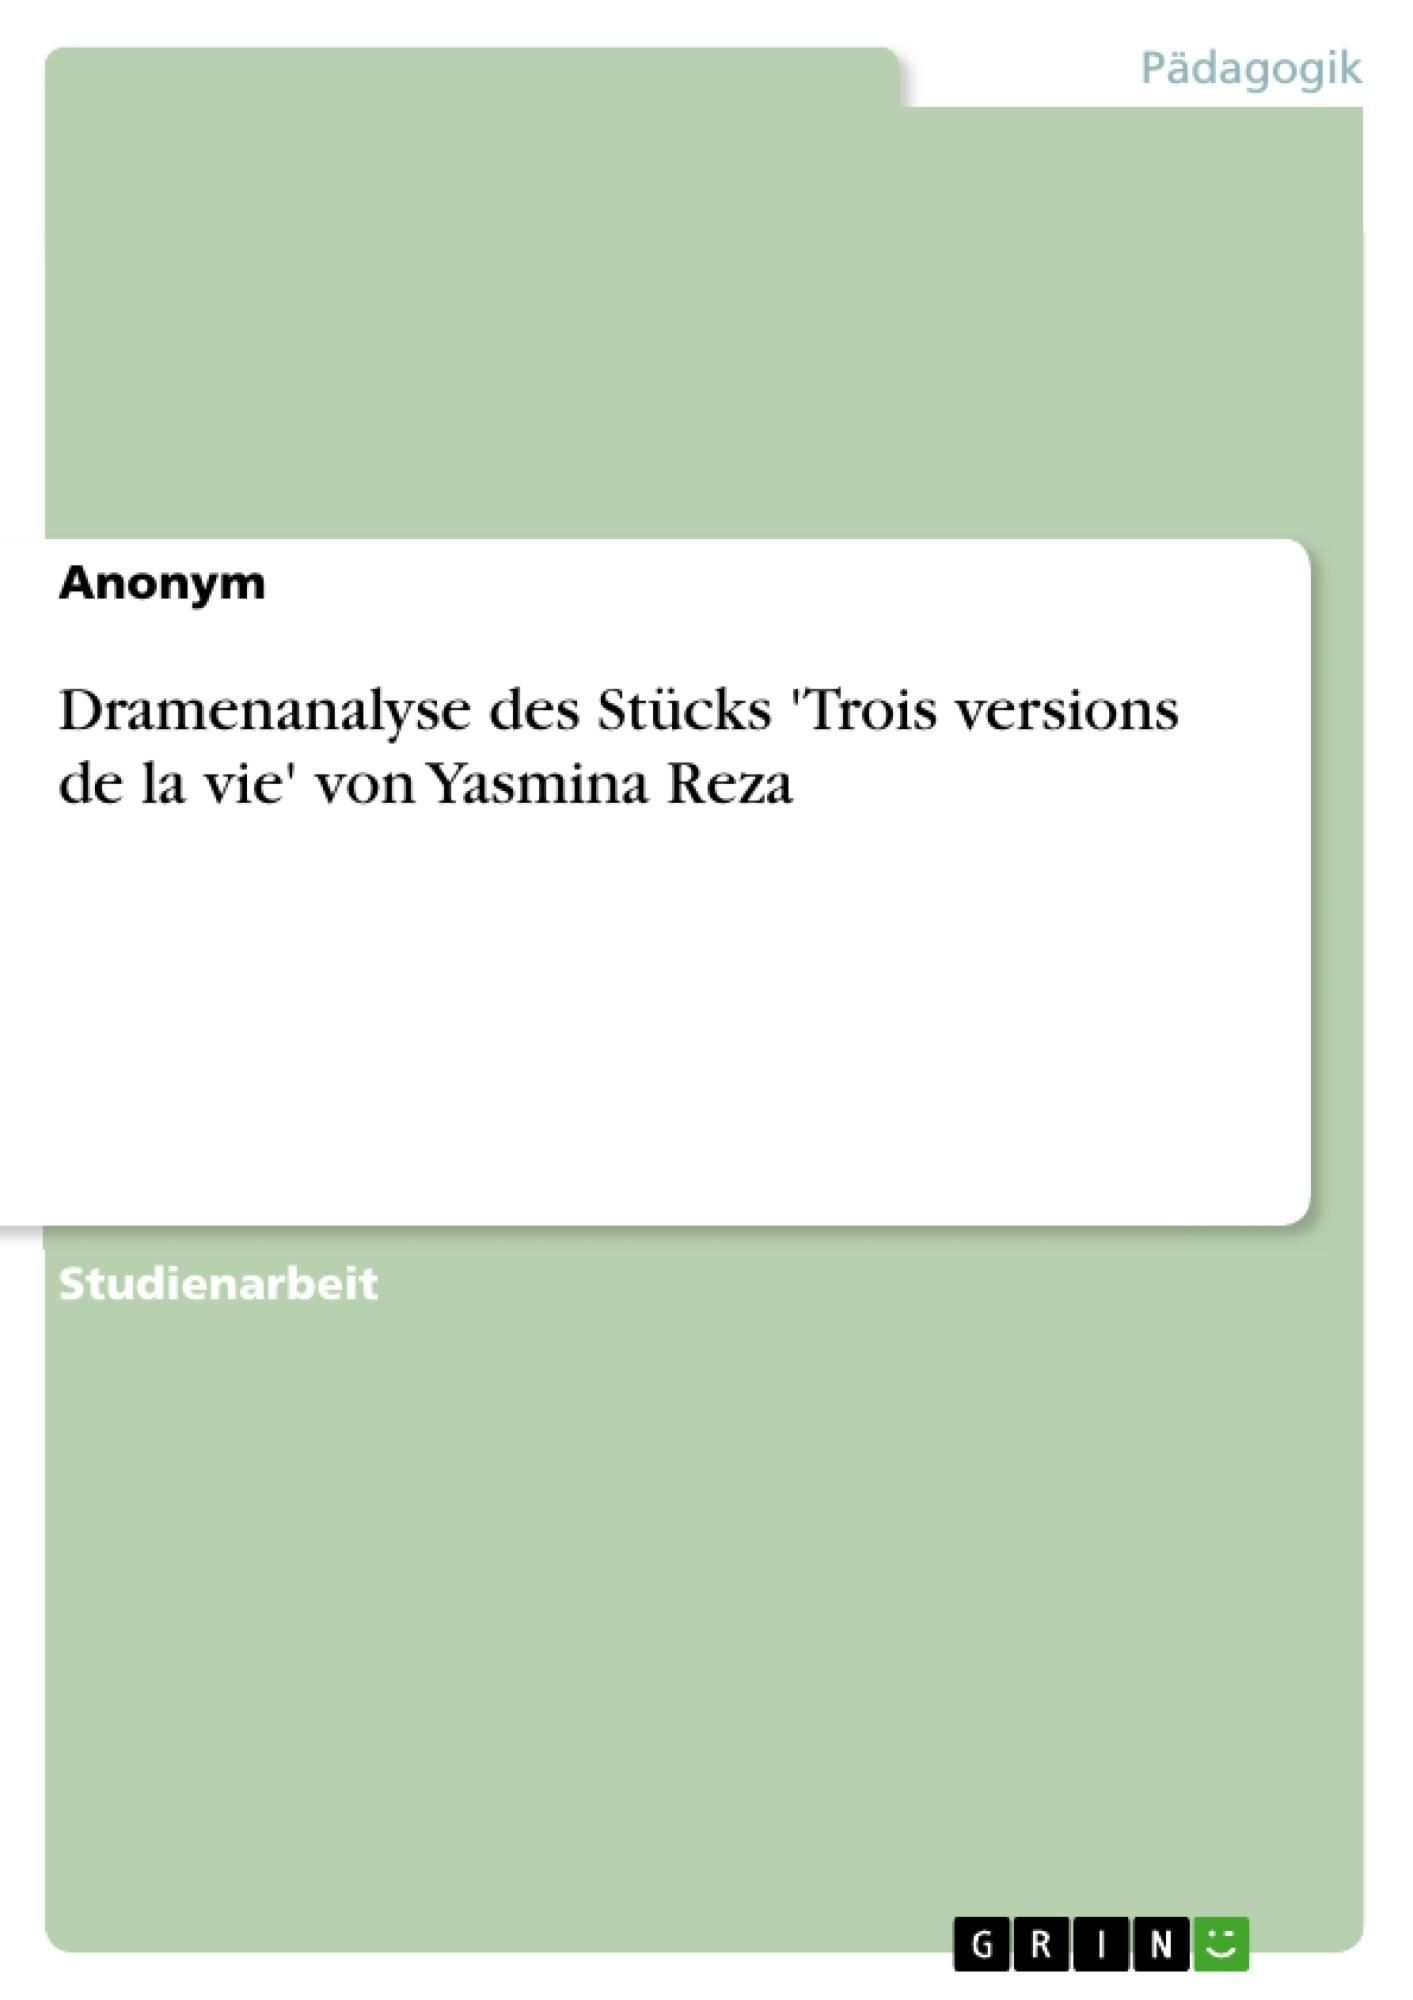 Titel: Dramenanalyse des Stücks 'Trois versions de la vie' von Yasmina Reza